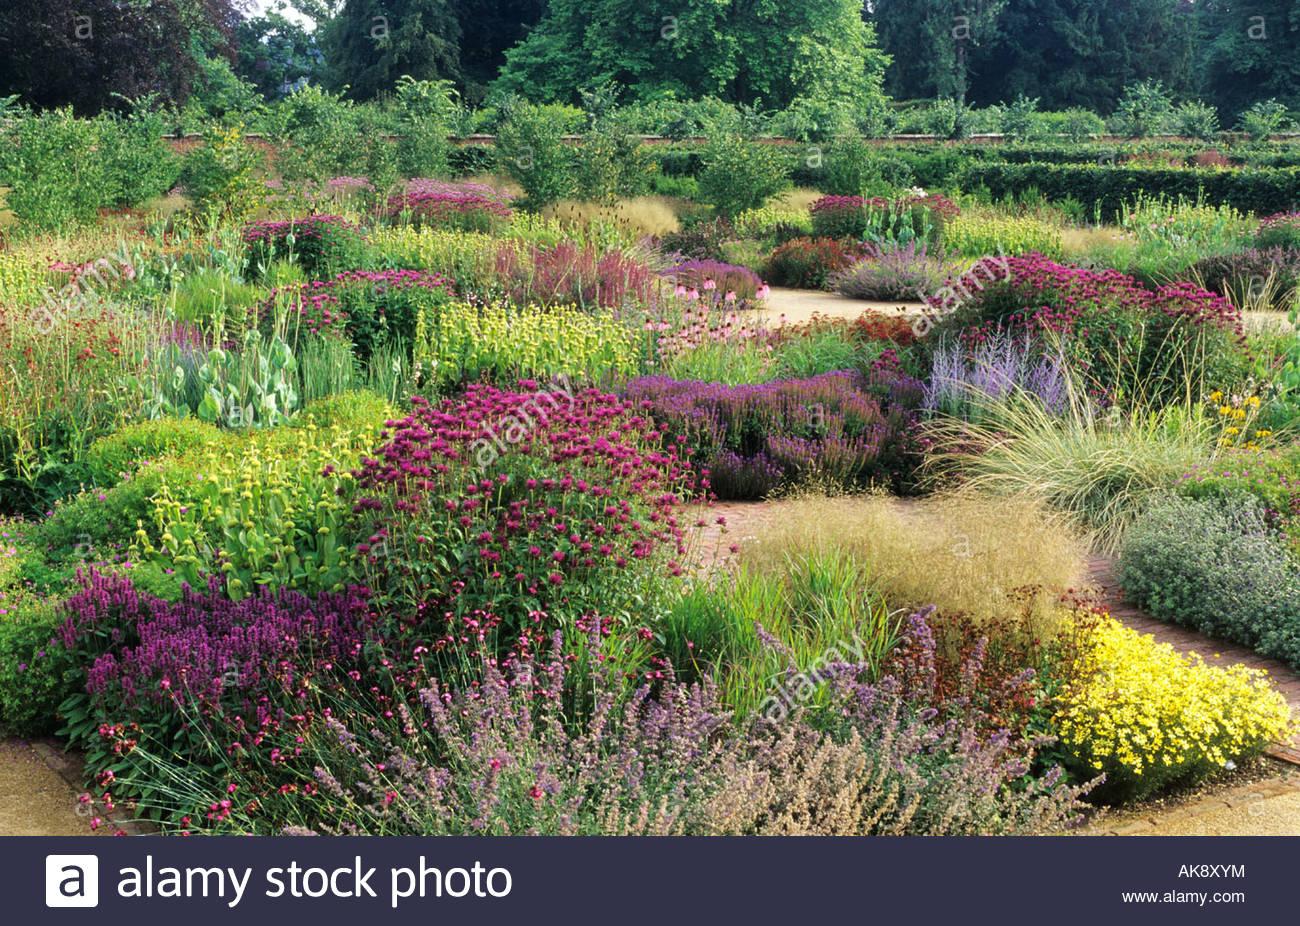 scampston hall yorkshire design piet oudolf overview of central garden AK8XYM